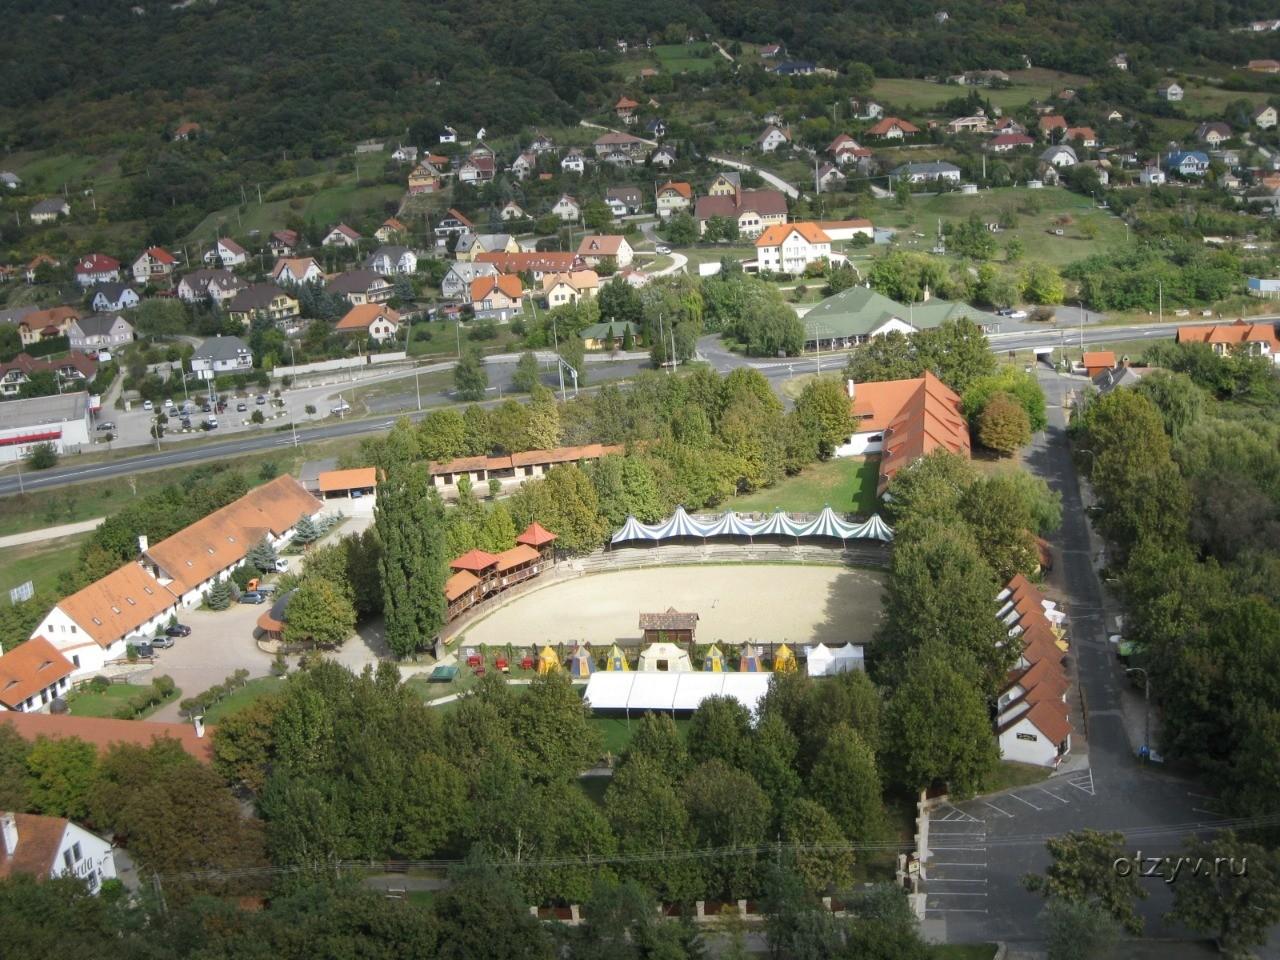 18111819385057061790 - Венгрия: крепость Шюмег